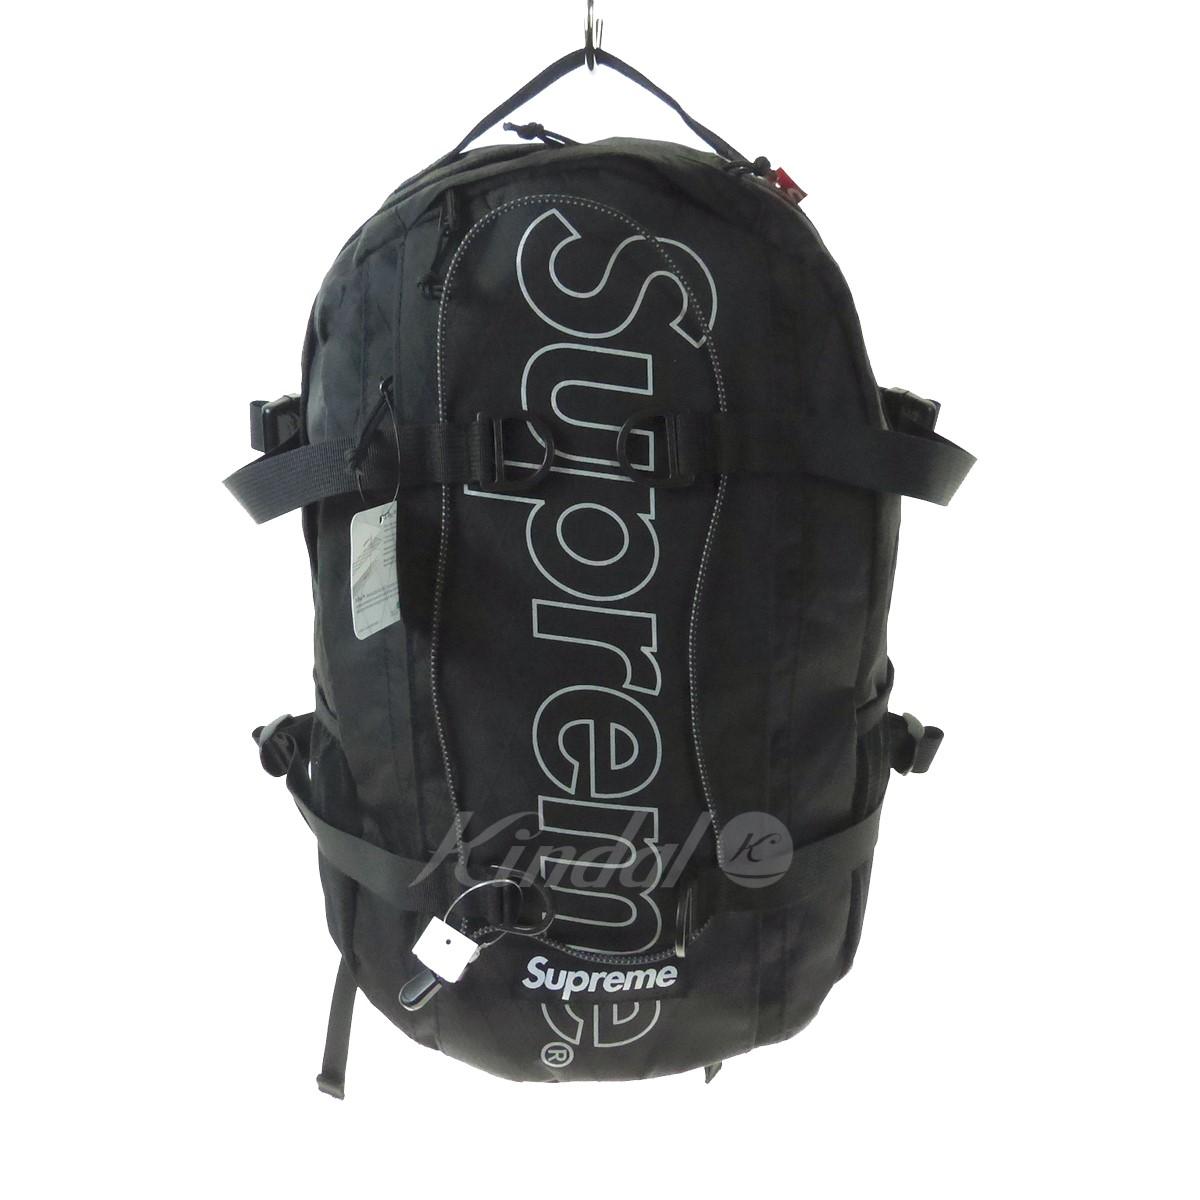 【中古】SUPREME バックパック Backpack 2018A/W 【送料無料】 【225574】 【KIND1550】